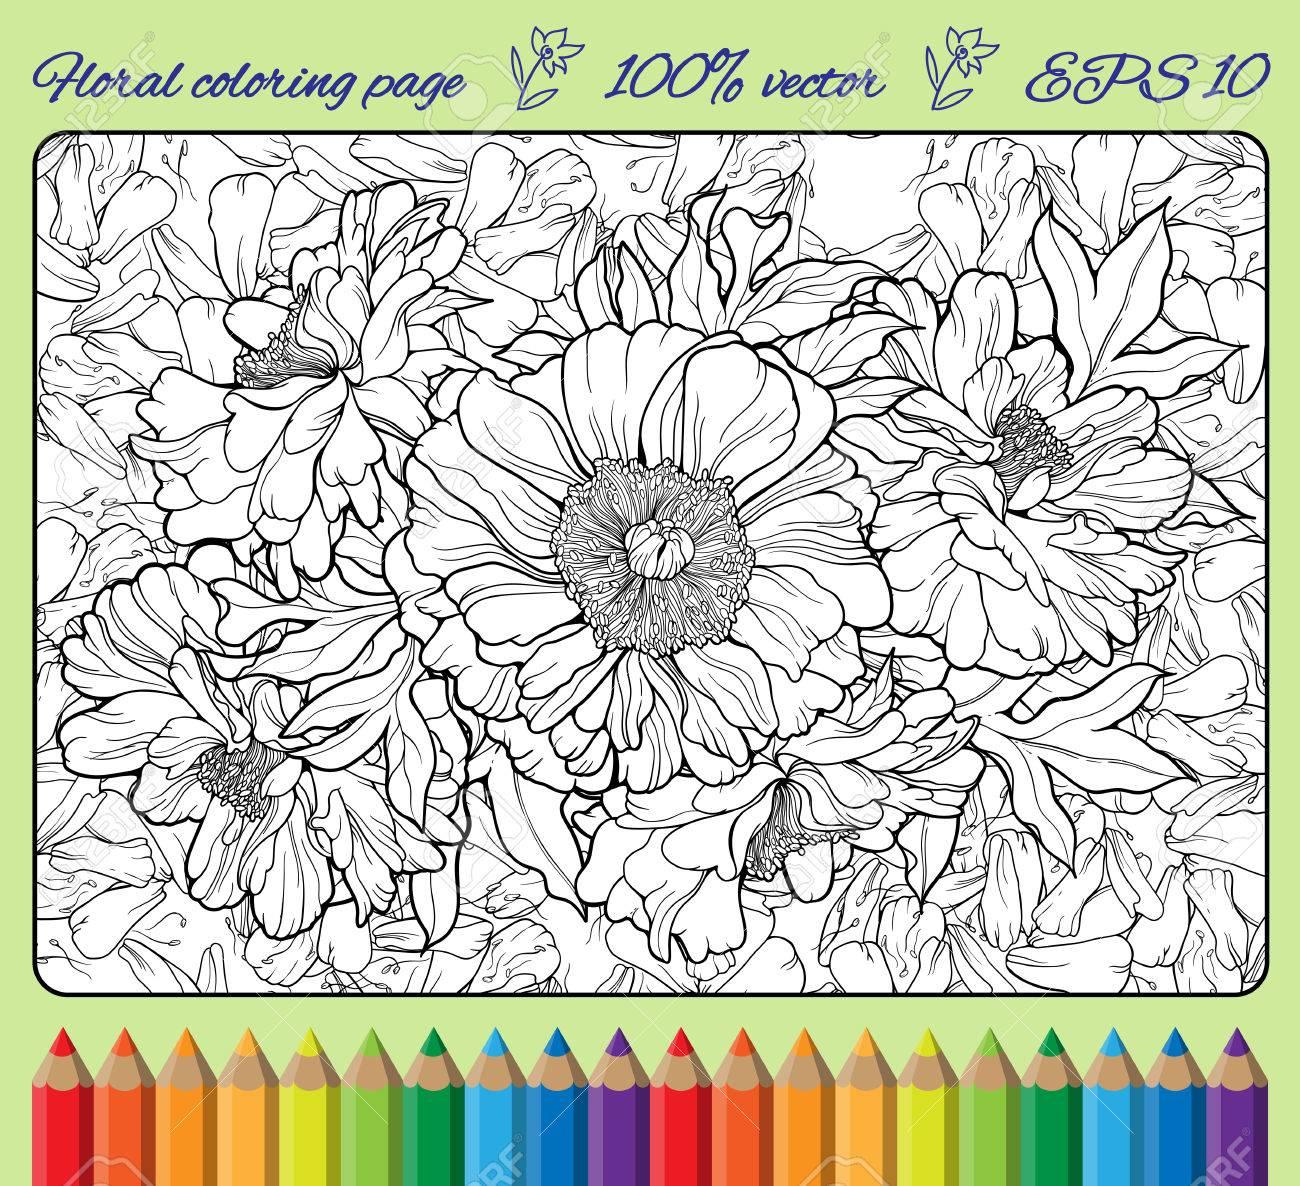 Dibujo Para Colorear Con Muchas Flores En Un Marco Con Lápices